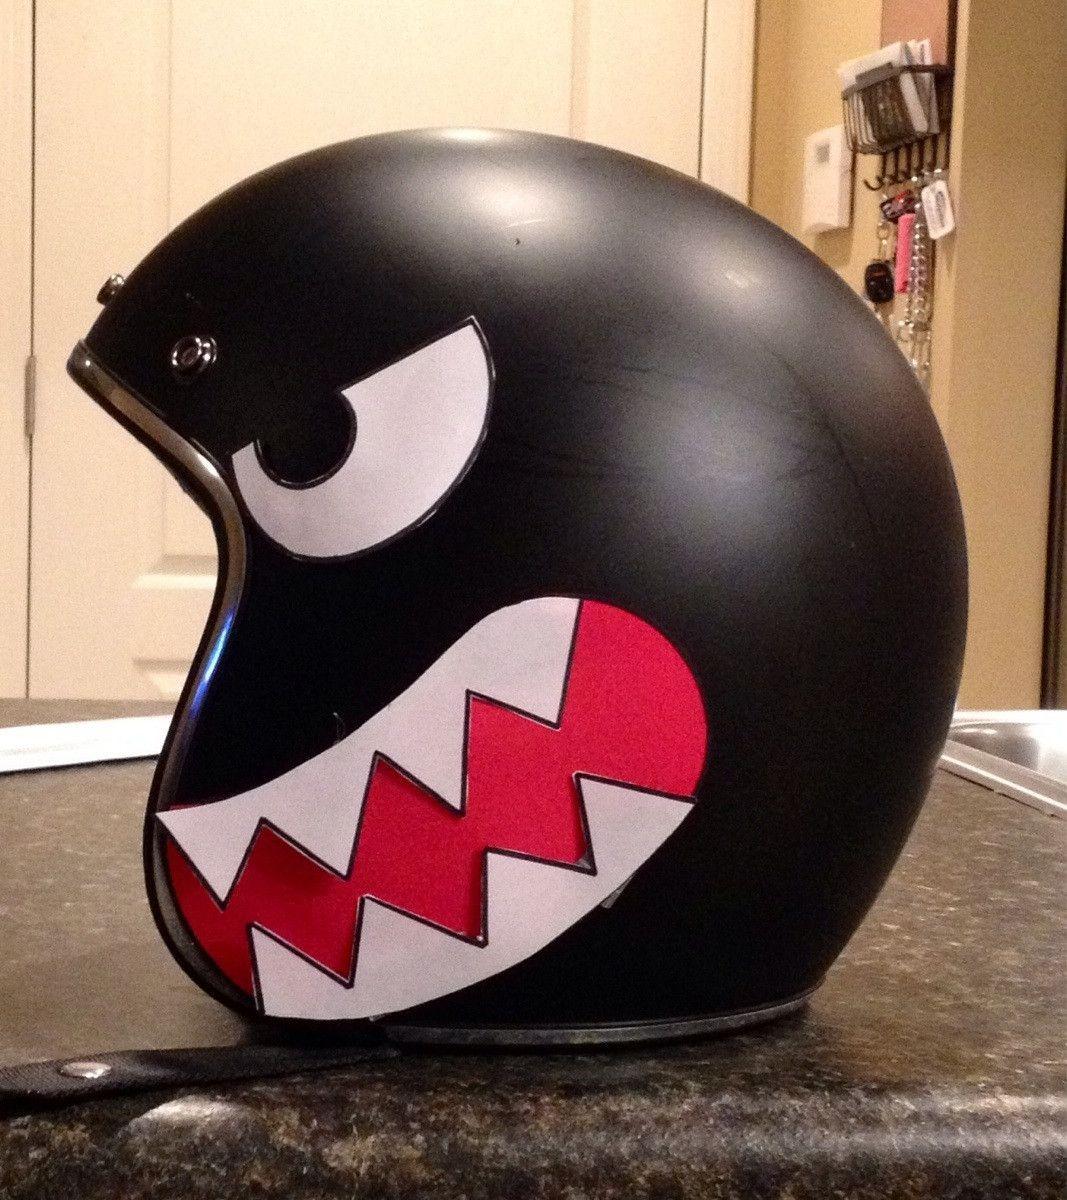 Bullet Bill Helmet Mario Via Reddit User Zcnr39 Motorcycle